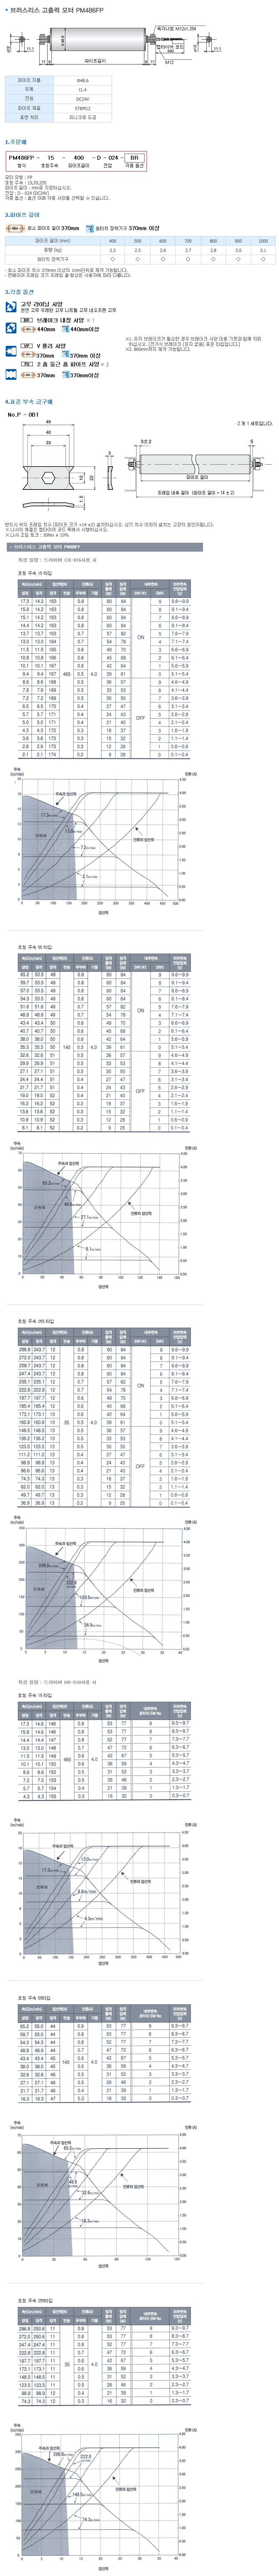 (주)은현산업 브러스리스 고출력 모터 PM486FP